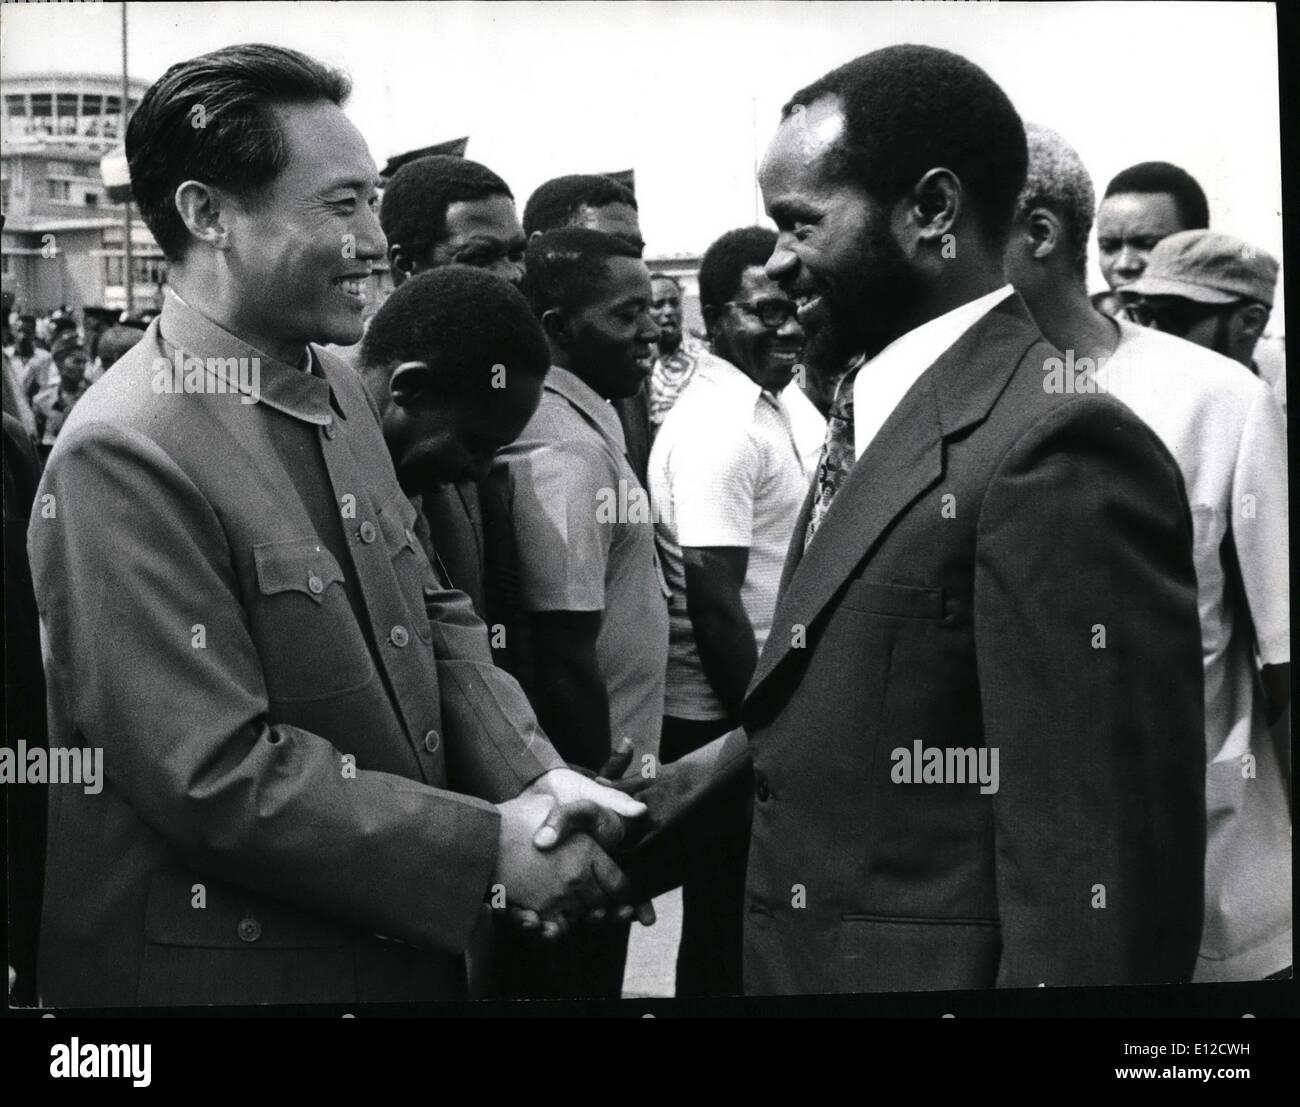 Le 12 décembre 2011 - à son adieu à l'aéroport de Dar es Salaam, Sahora Machel serre la main chaleureusement avec un haut fonctionnaire de l'ambassade chinoise. Les Chinois sont de bons amis du tanzaniens, et ont également fourni un soutien matériel et moral considérable à l'époque coloniale anti guerre menée par Machel et le FRELIMO. L'influence chinoise sera indépendant sur le Mozambique est important? Machel est un marxiste lui-même, et les politiques après l'indépendance de son pays, dans la mesure où ils ont été révélé, sera fortement dans le modèle socialiste Photo Stock